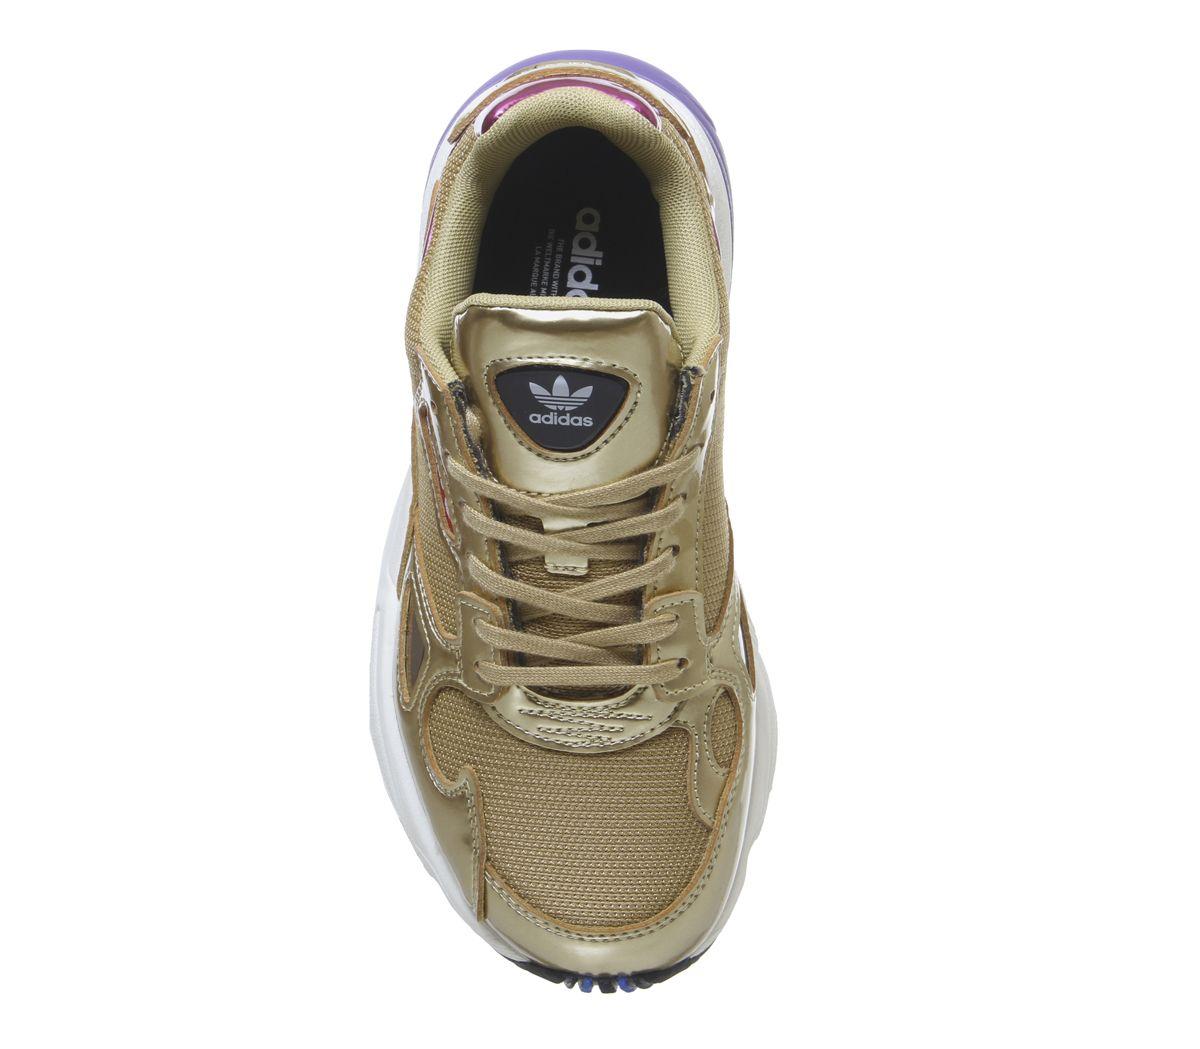 new product 90e5c f4e4b Da-Donna-ADIDAS-Falcon-Trainer-Oro-Metallizzato-Scarpe-